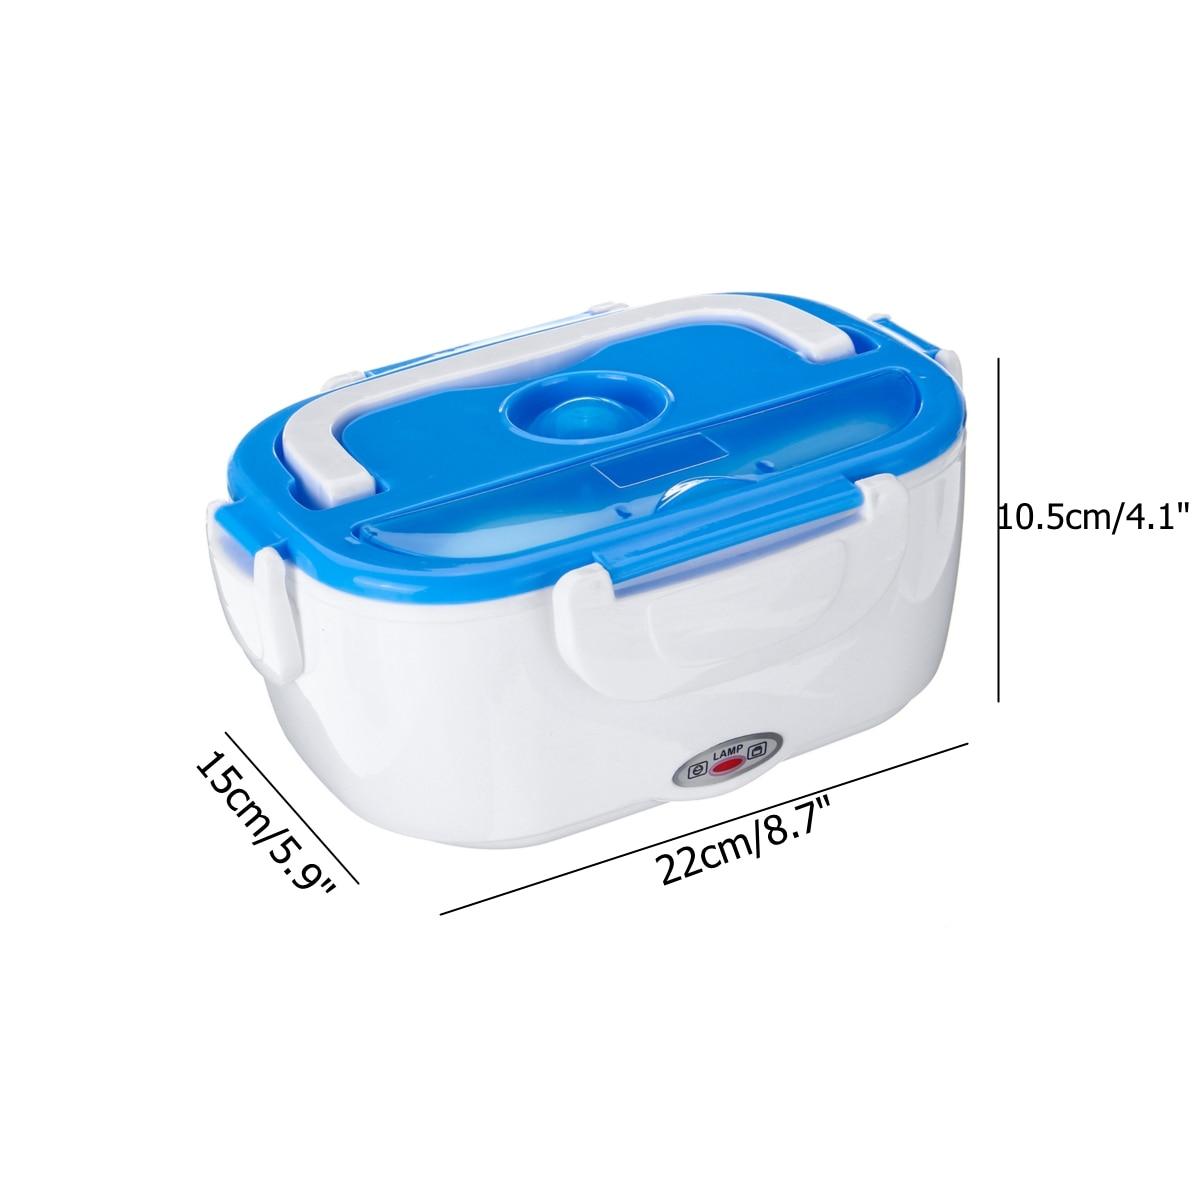 Портативный Ланч-бокс, контейнер для еды, электрическое отопление, подогреватель, рисовый контейнер, наборы посуды, 12 В/40 Вт